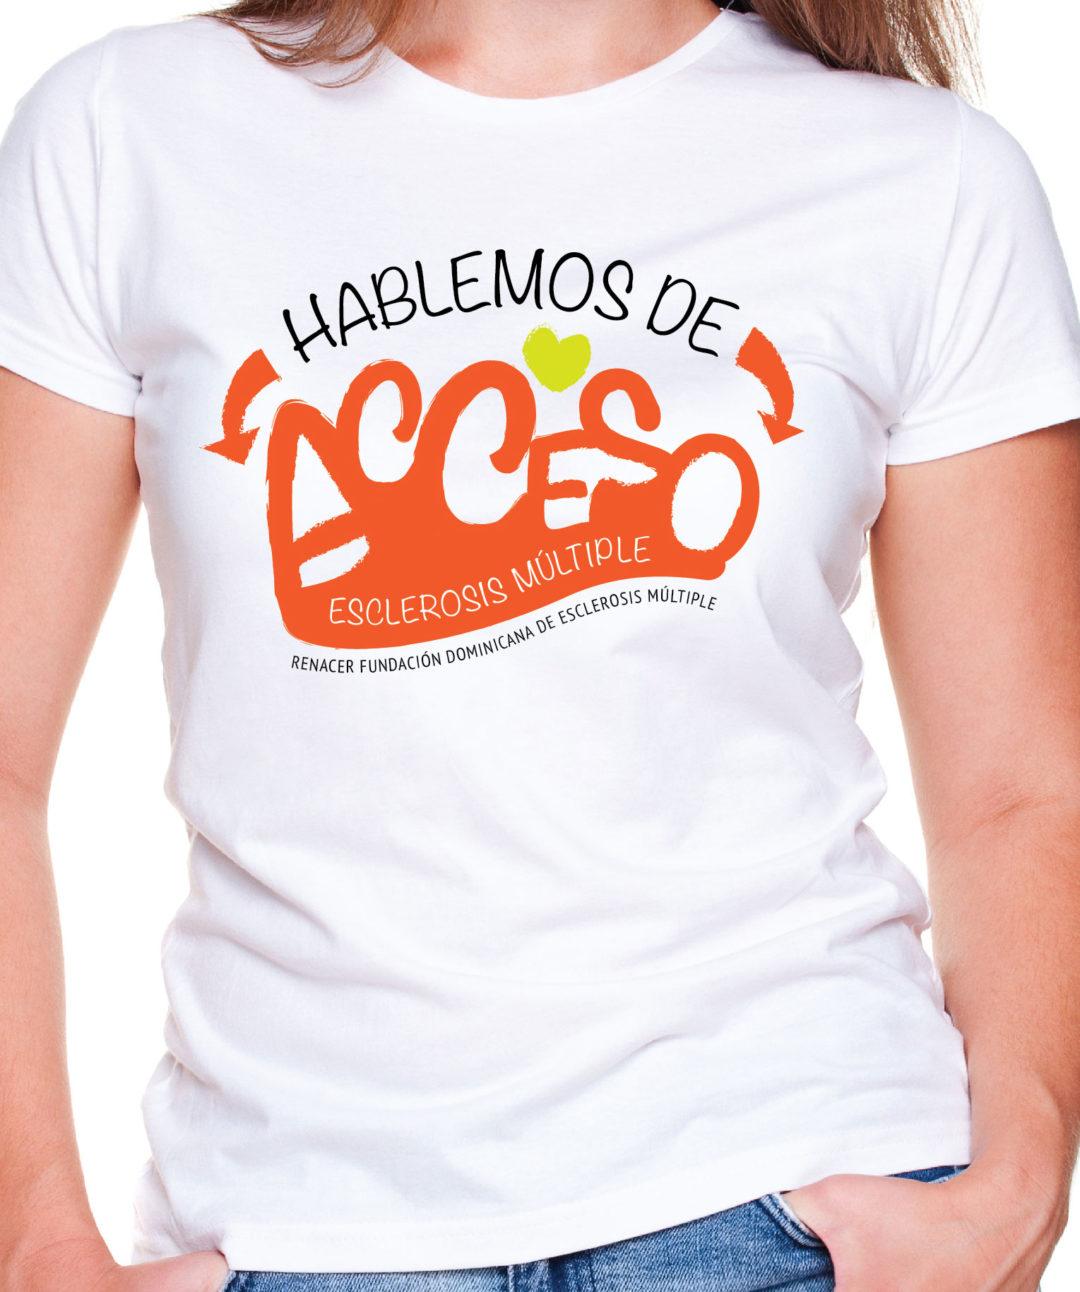 Diseño y Serigrafía arte camiseta   Cliente: Fundación Renacer